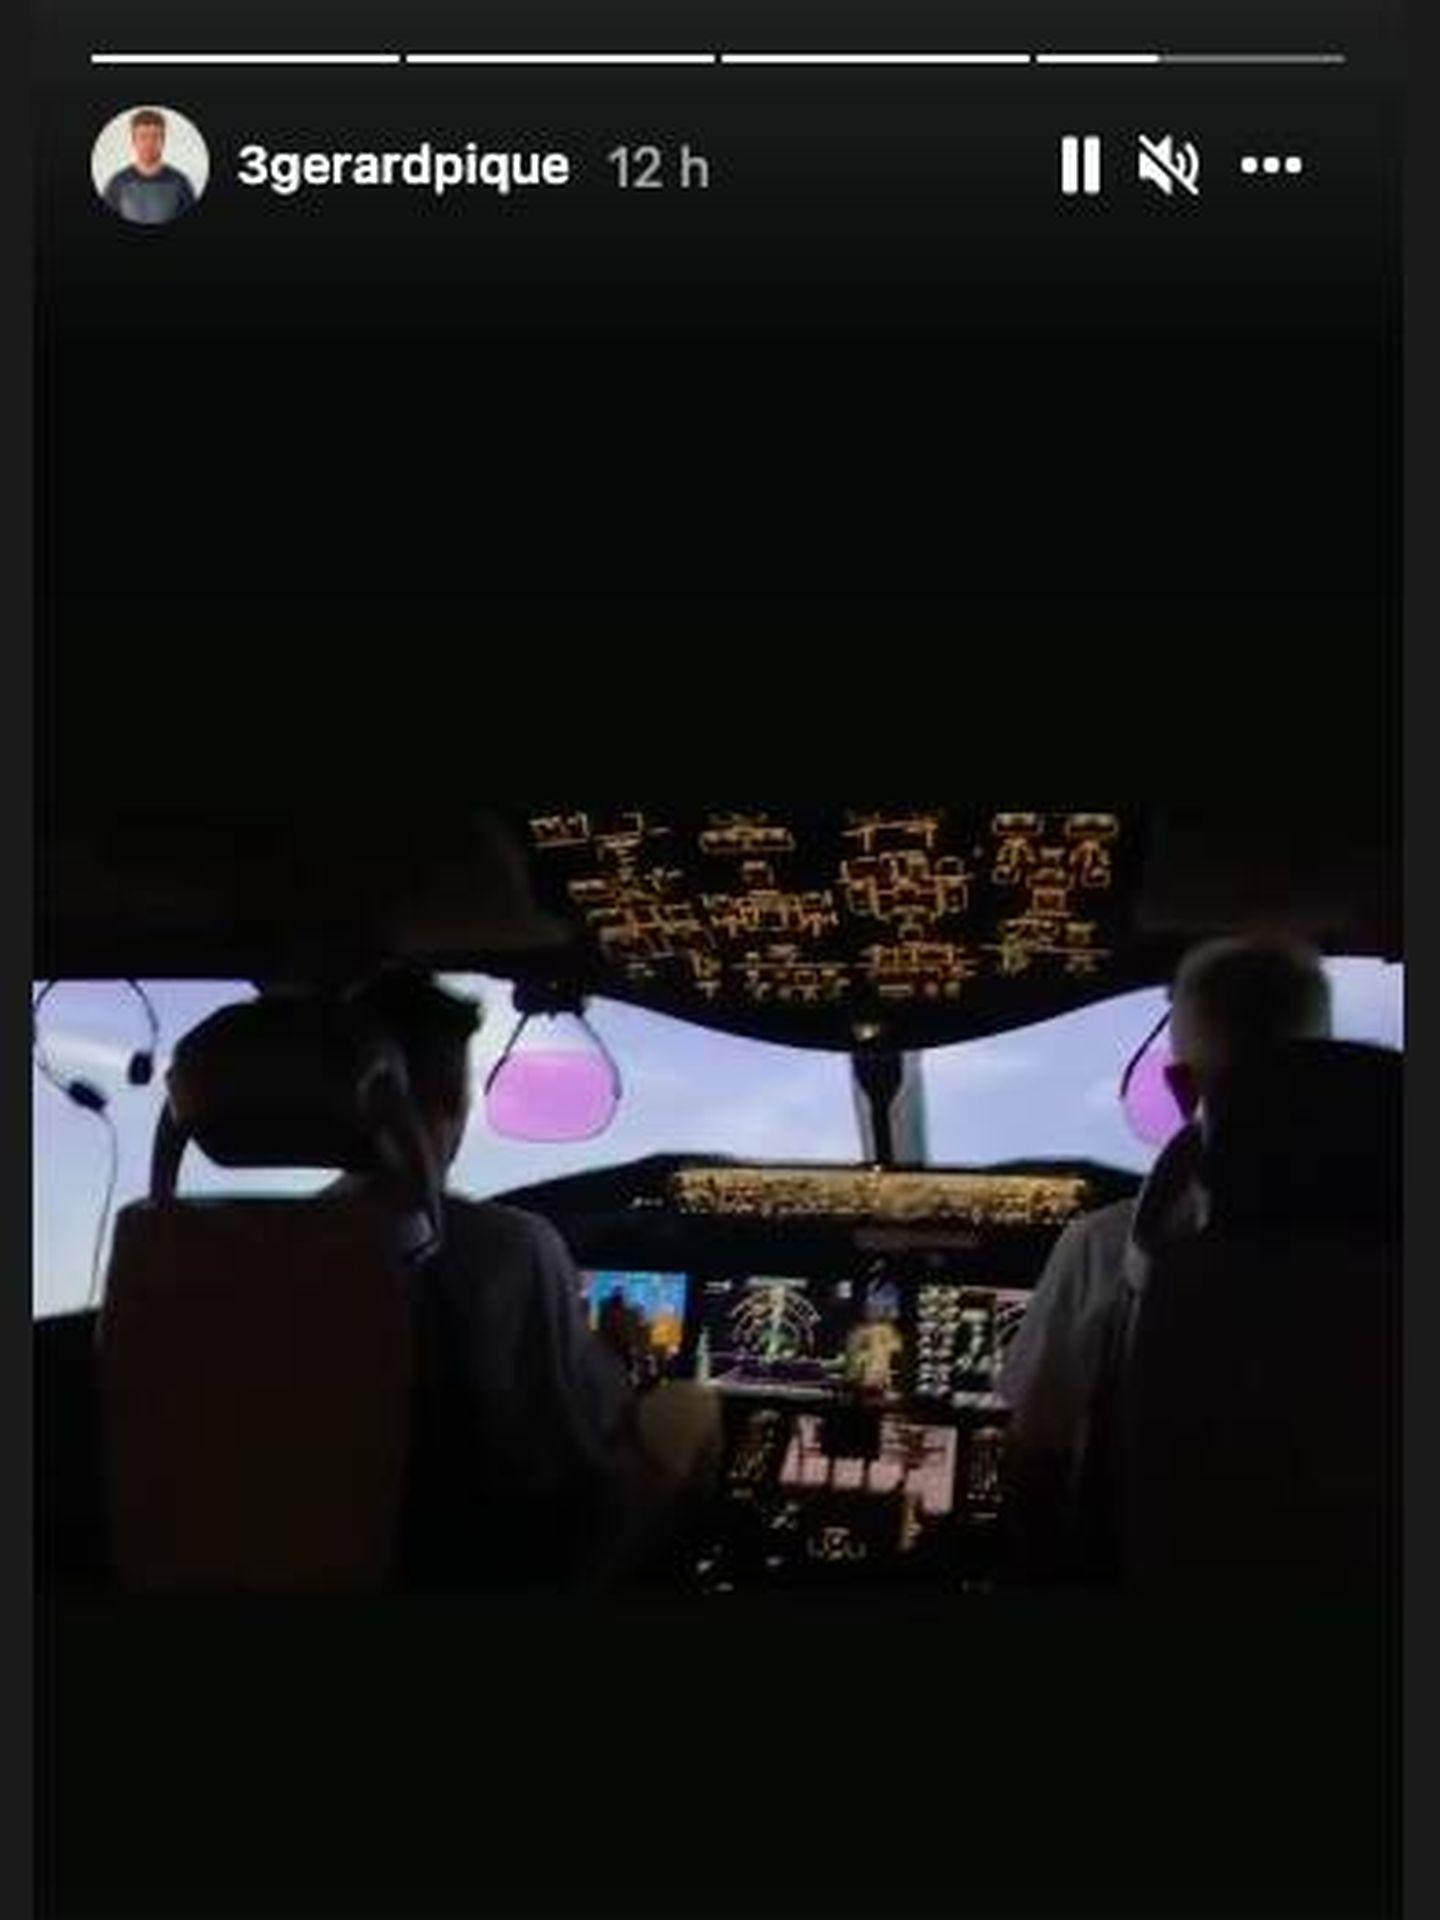 Gerard Piqué, piloto de avión. (Instagram @3gerardpique)